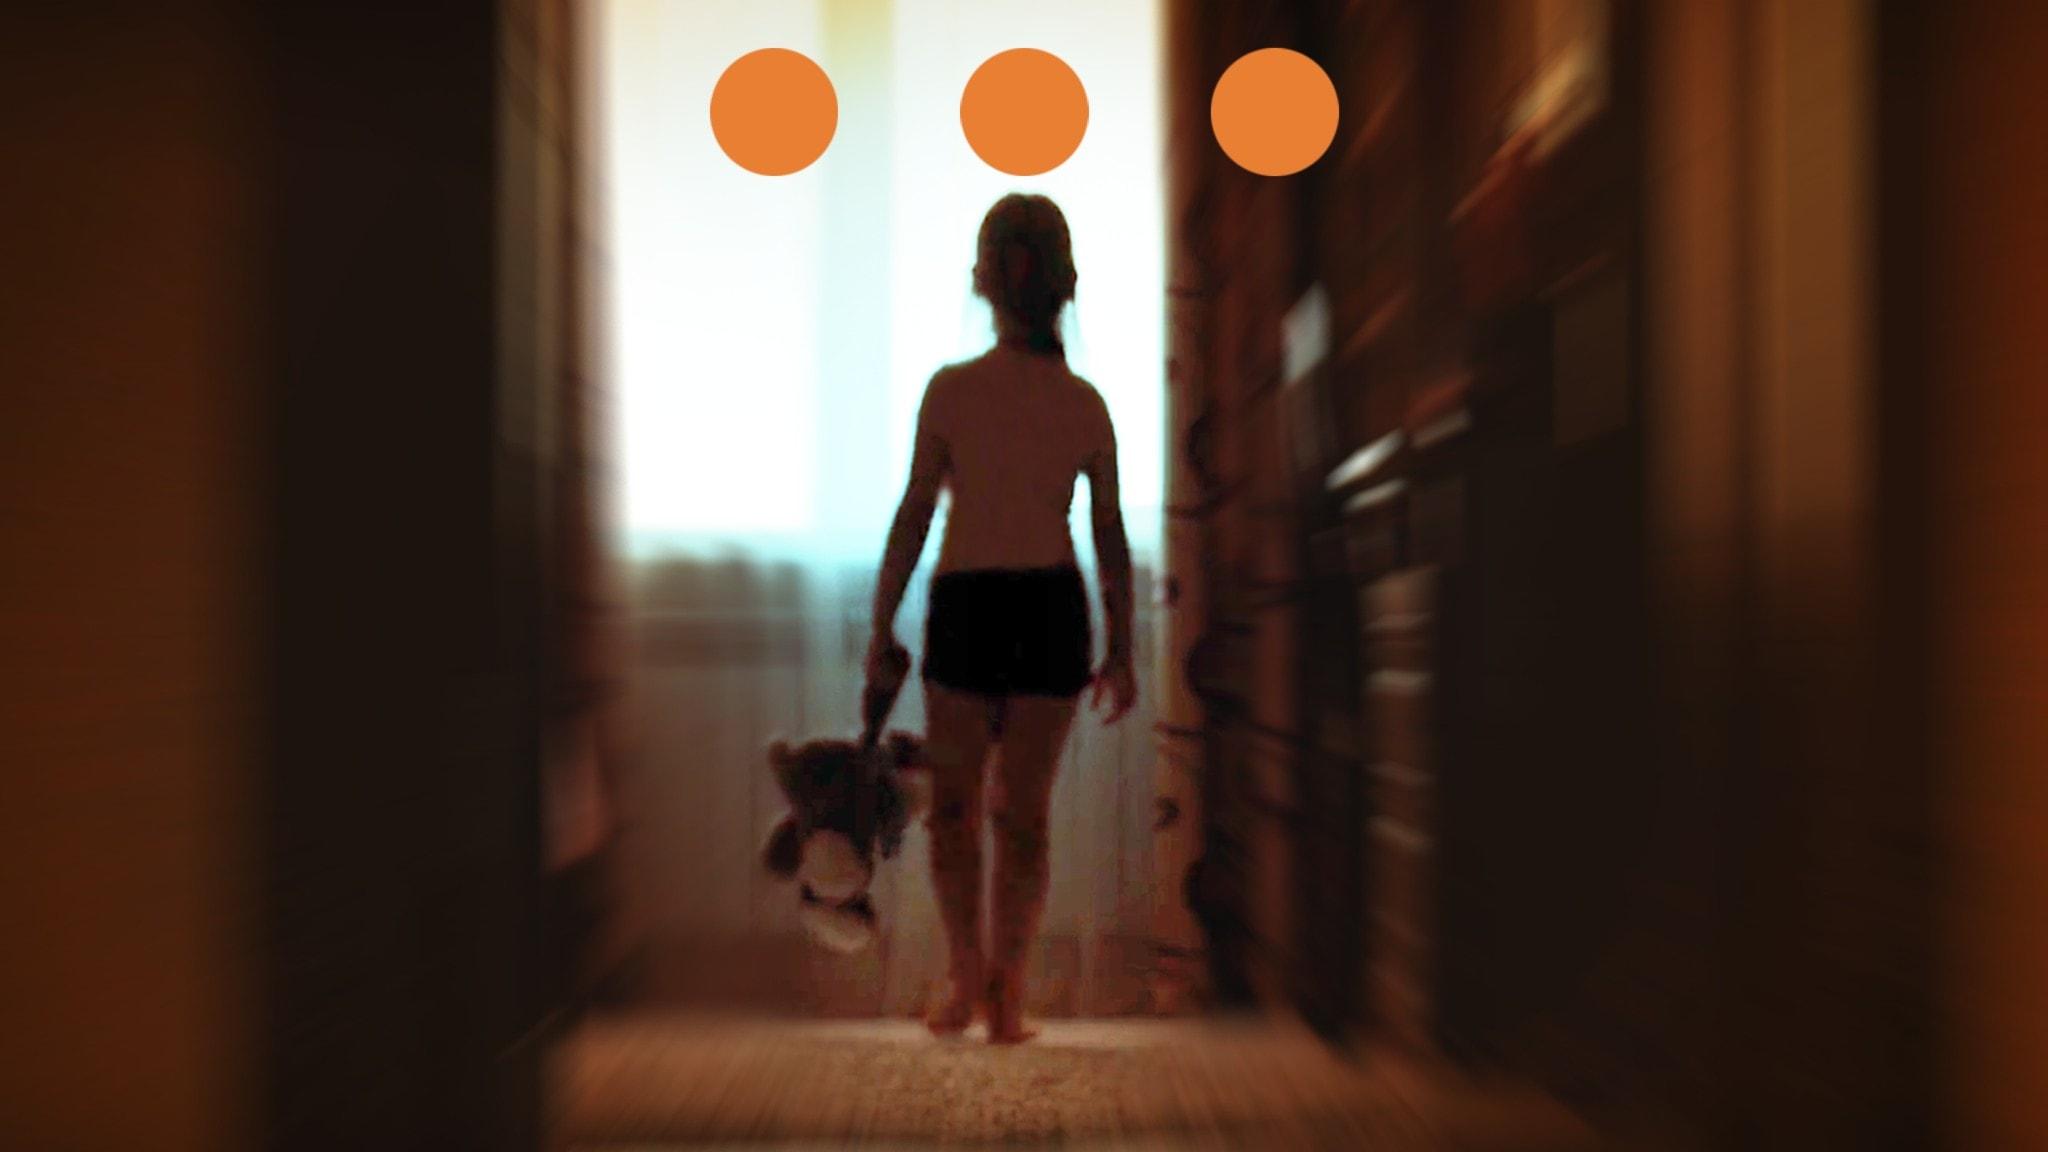 Barnen i vårdnadstvisterna: Vi tvingades till förövaren